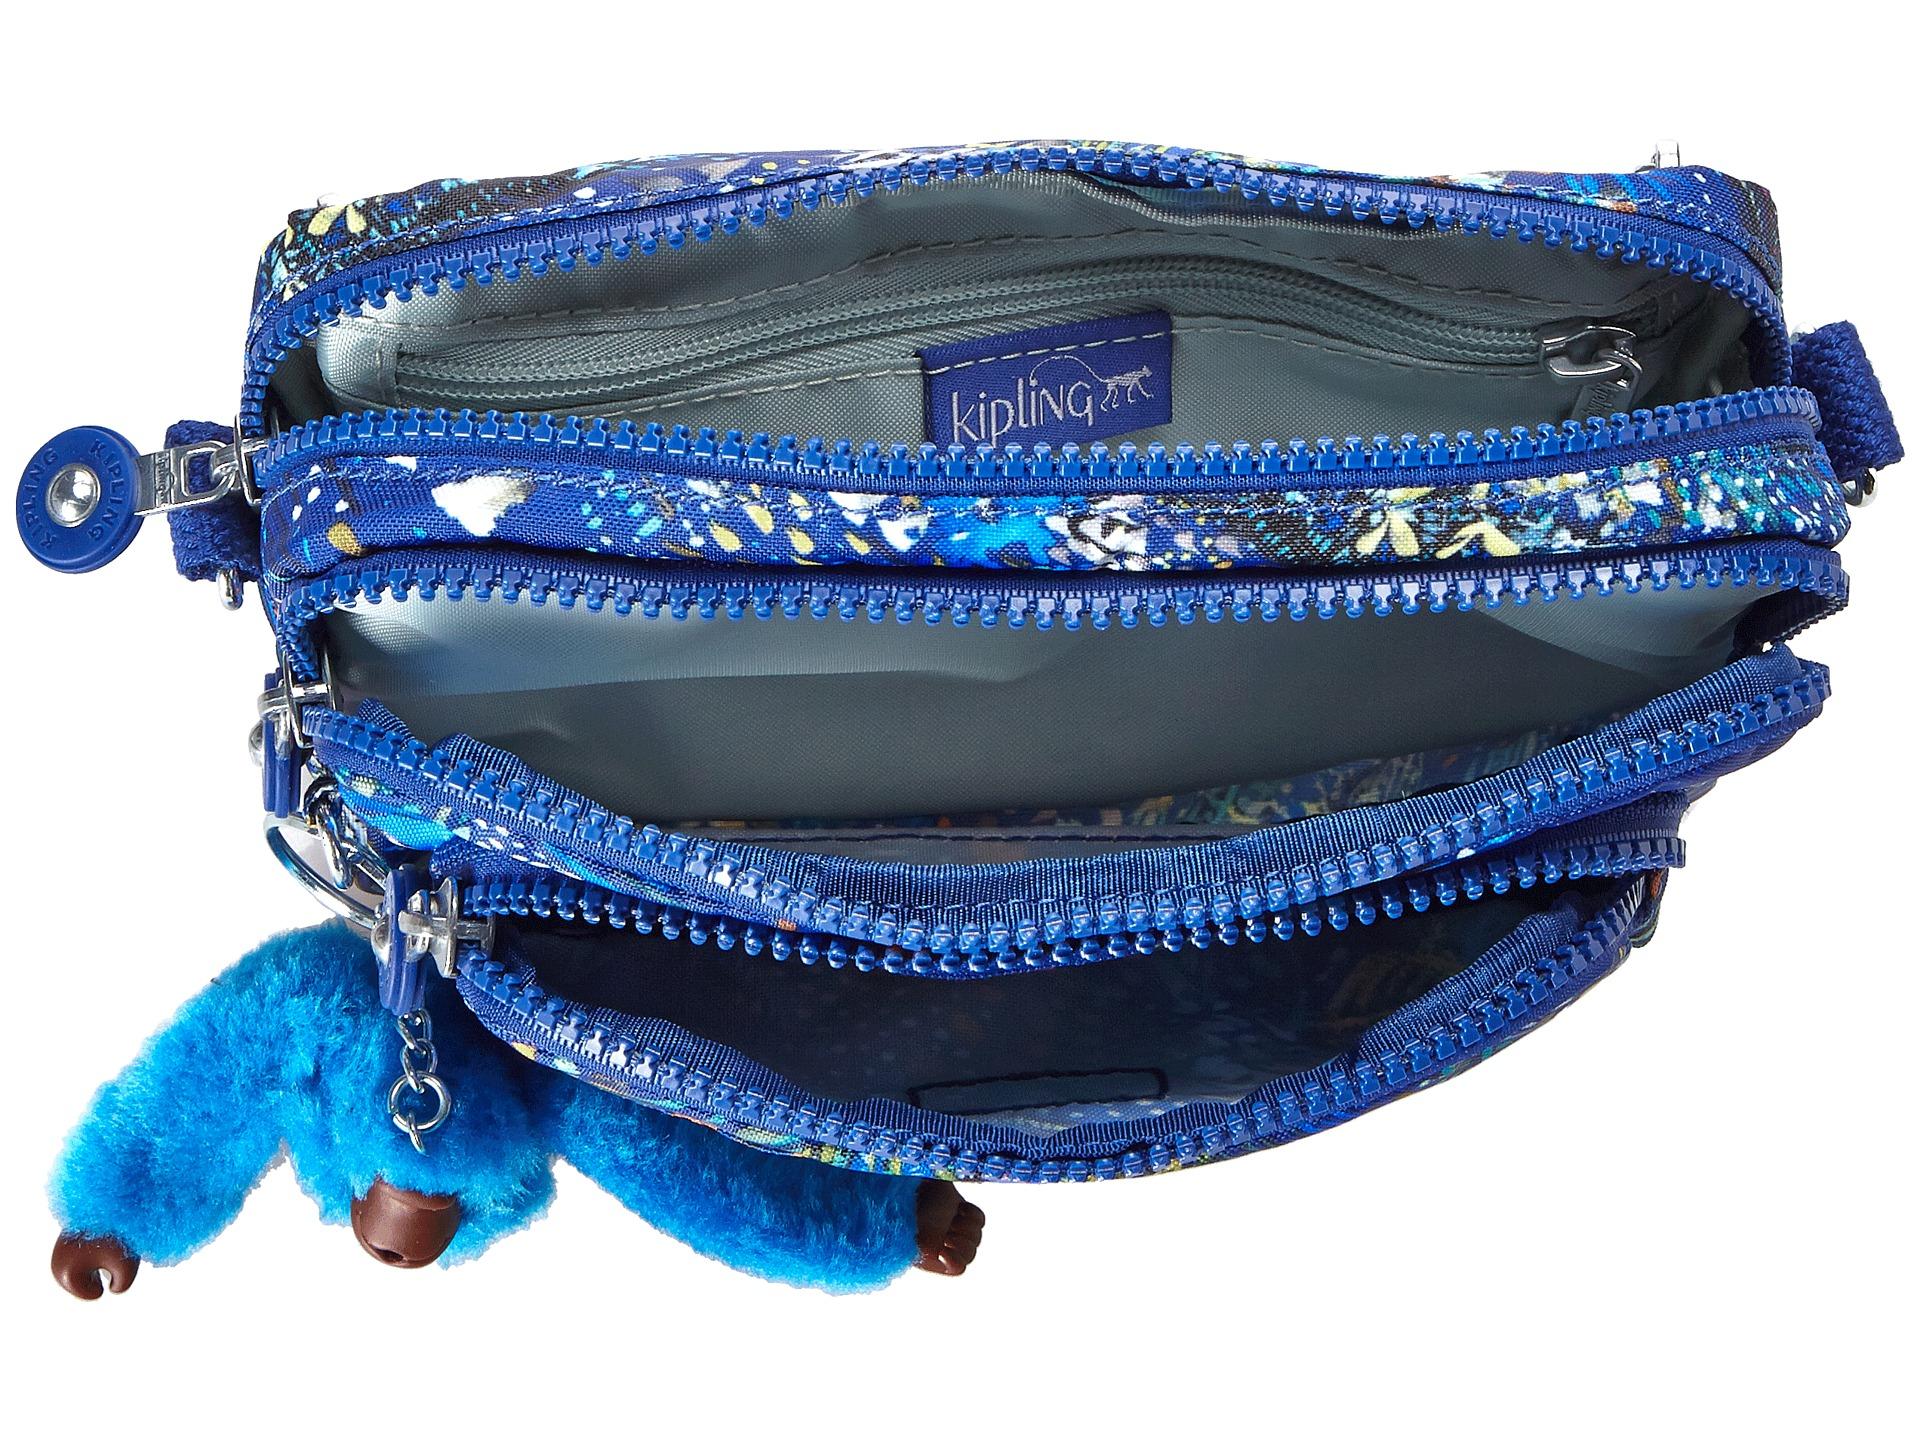 Kipling Multiple Belt Crossbody Bag Midnight Flock